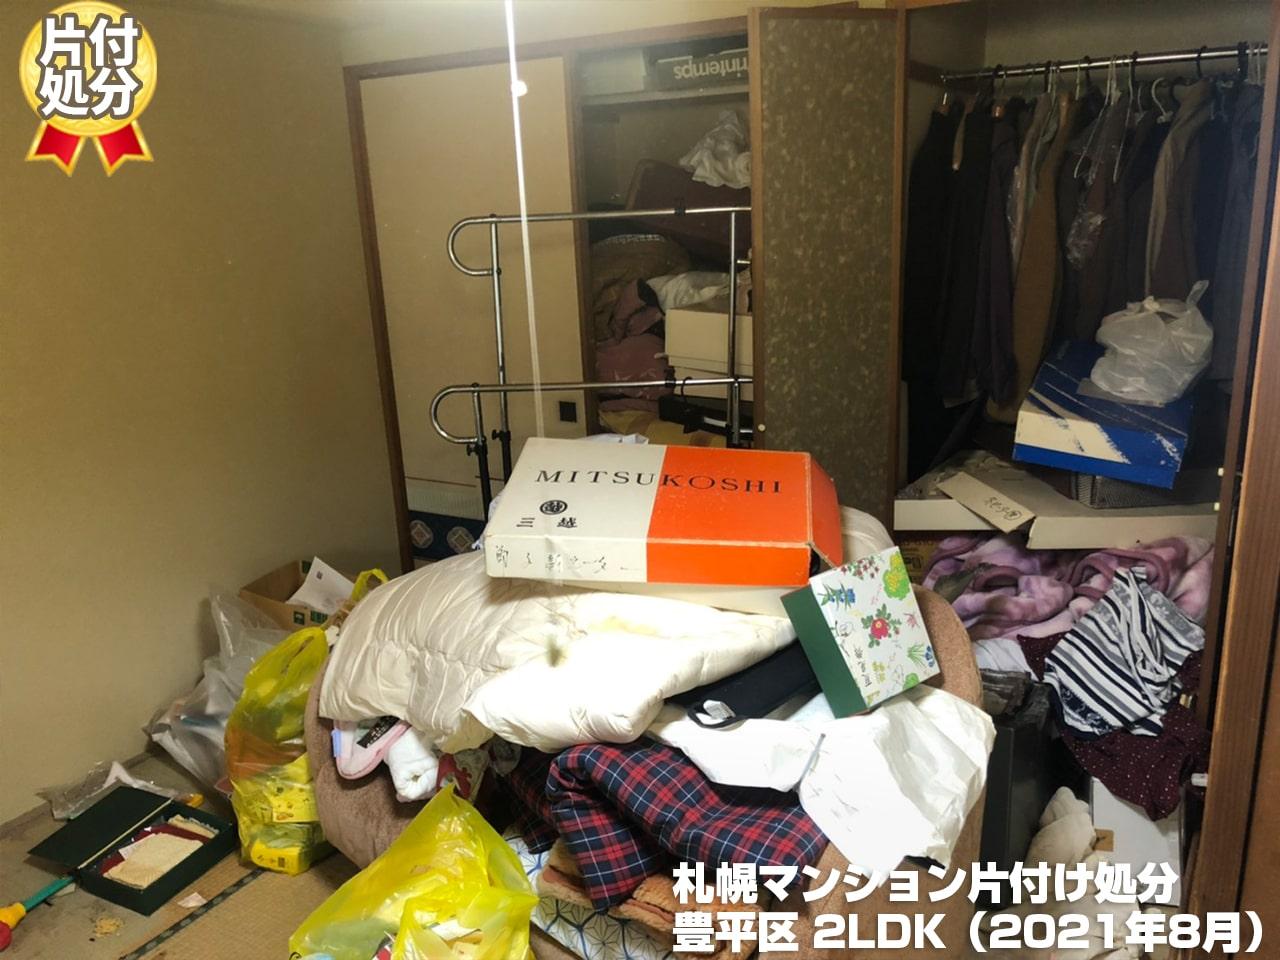 札幌マンション片付け処分 (豊平区2LDK・2021年8月)